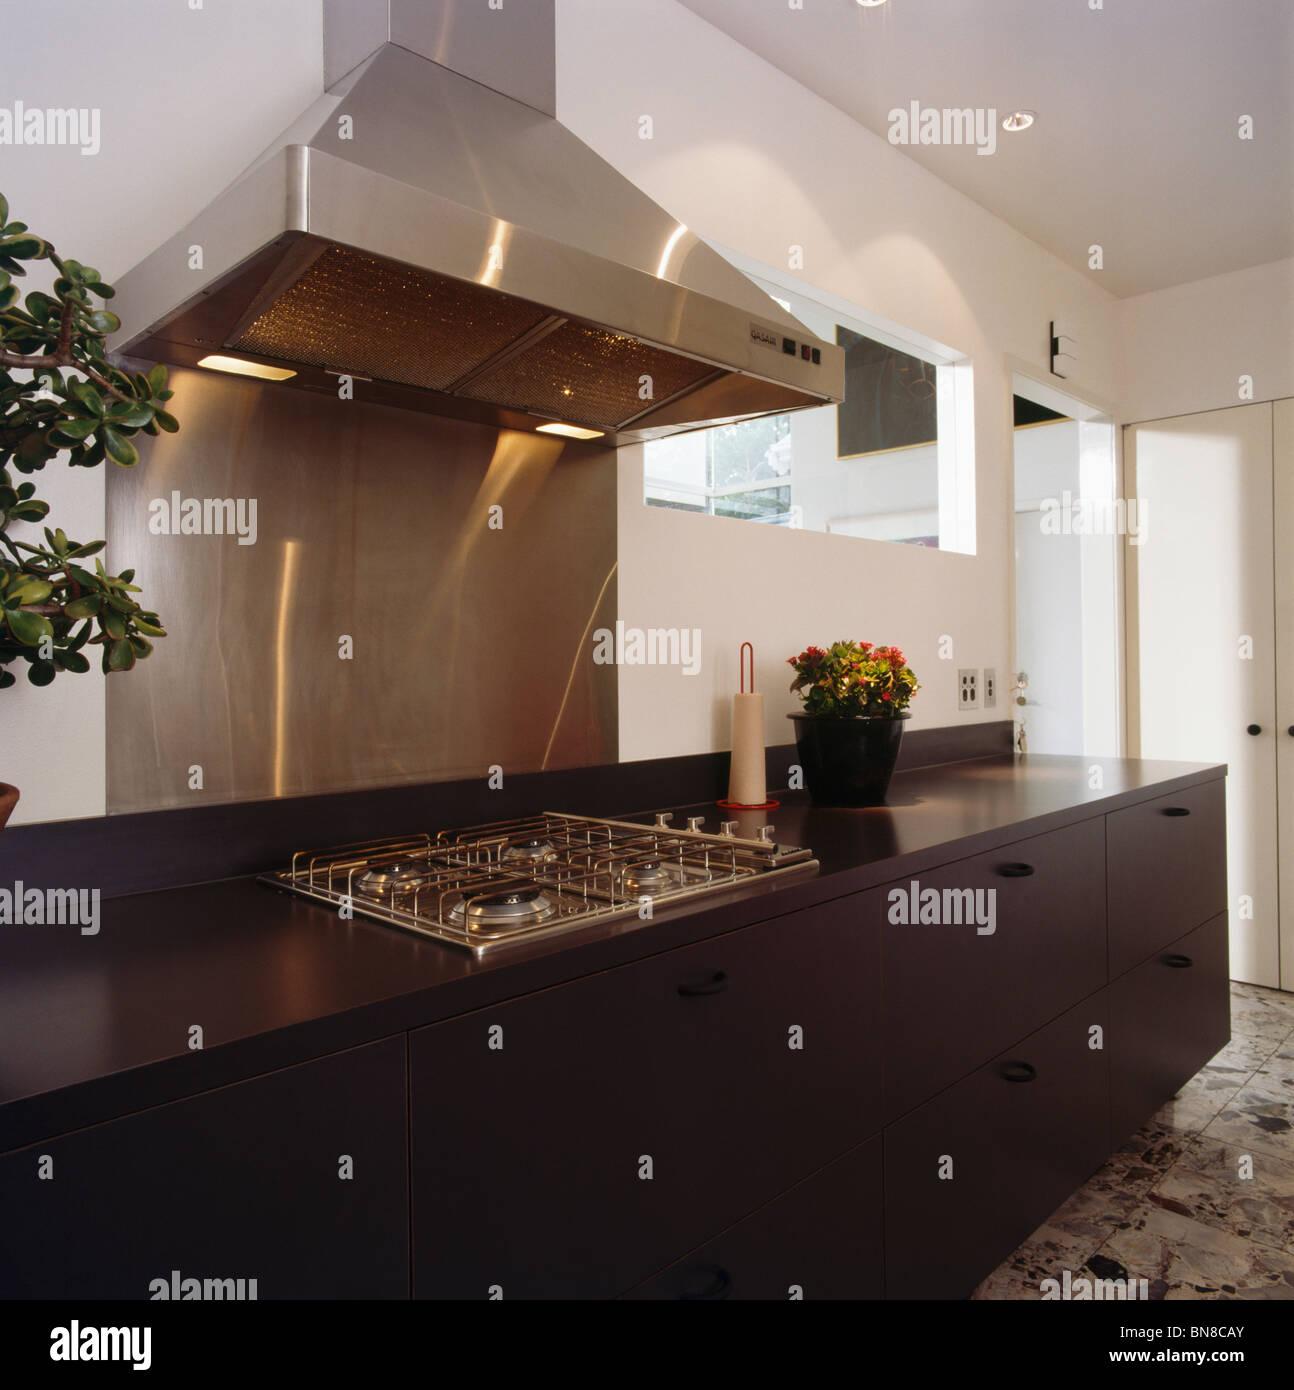 ablufthaube kche best ideen holz bcchenschr anke granit edelstahl kcheninsel fr smarte moderne. Black Bedroom Furniture Sets. Home Design Ideas